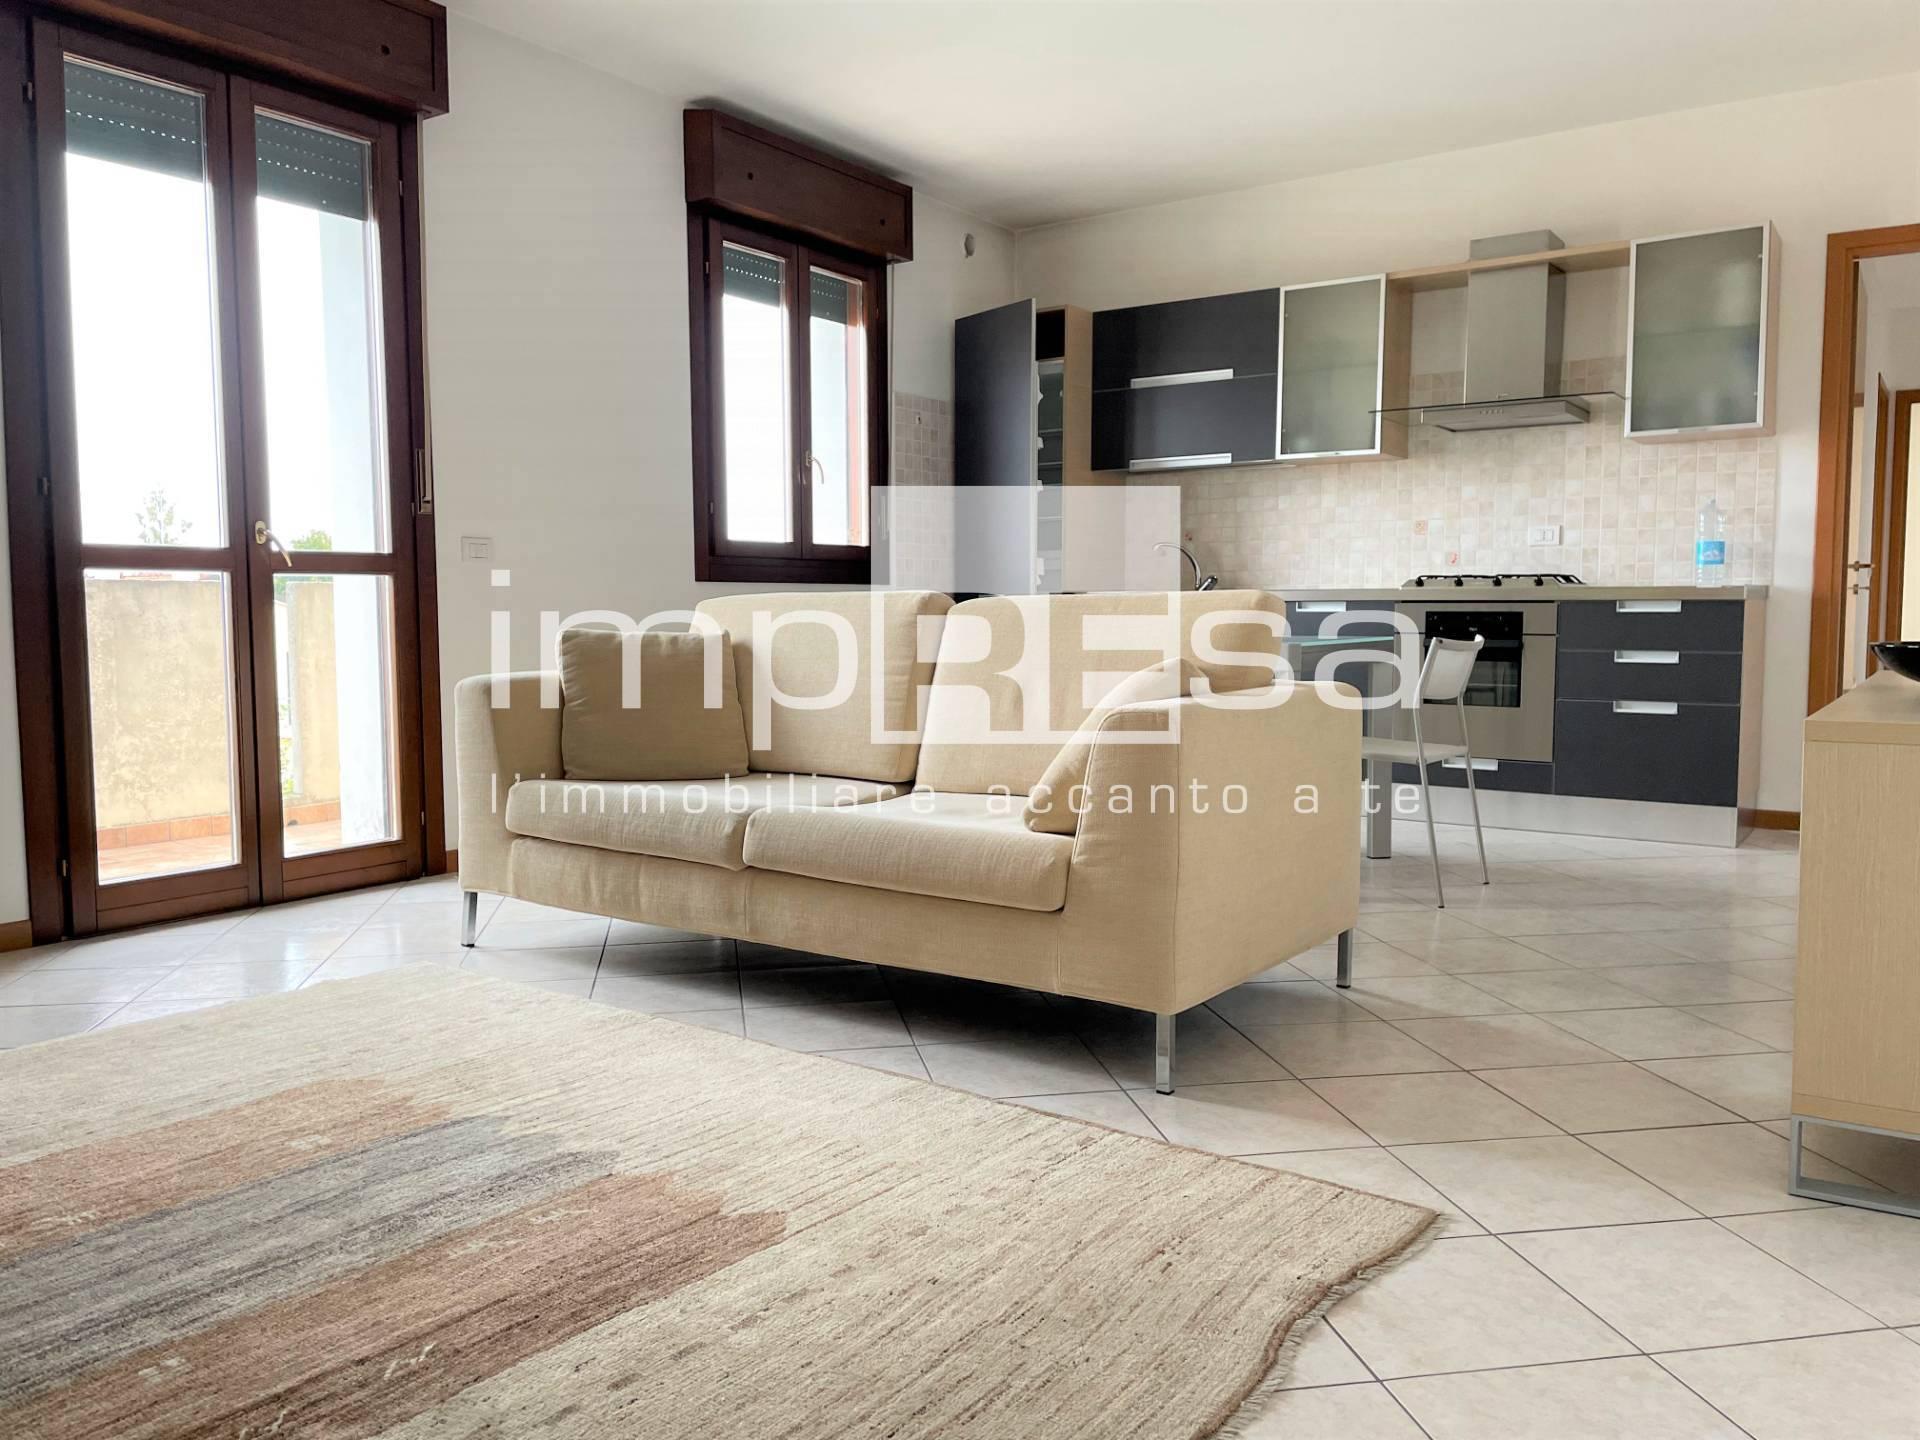 Appartamento in vendita a Roncade, 4 locali, zona cade, prezzo € 125.000 | PortaleAgenzieImmobiliari.it